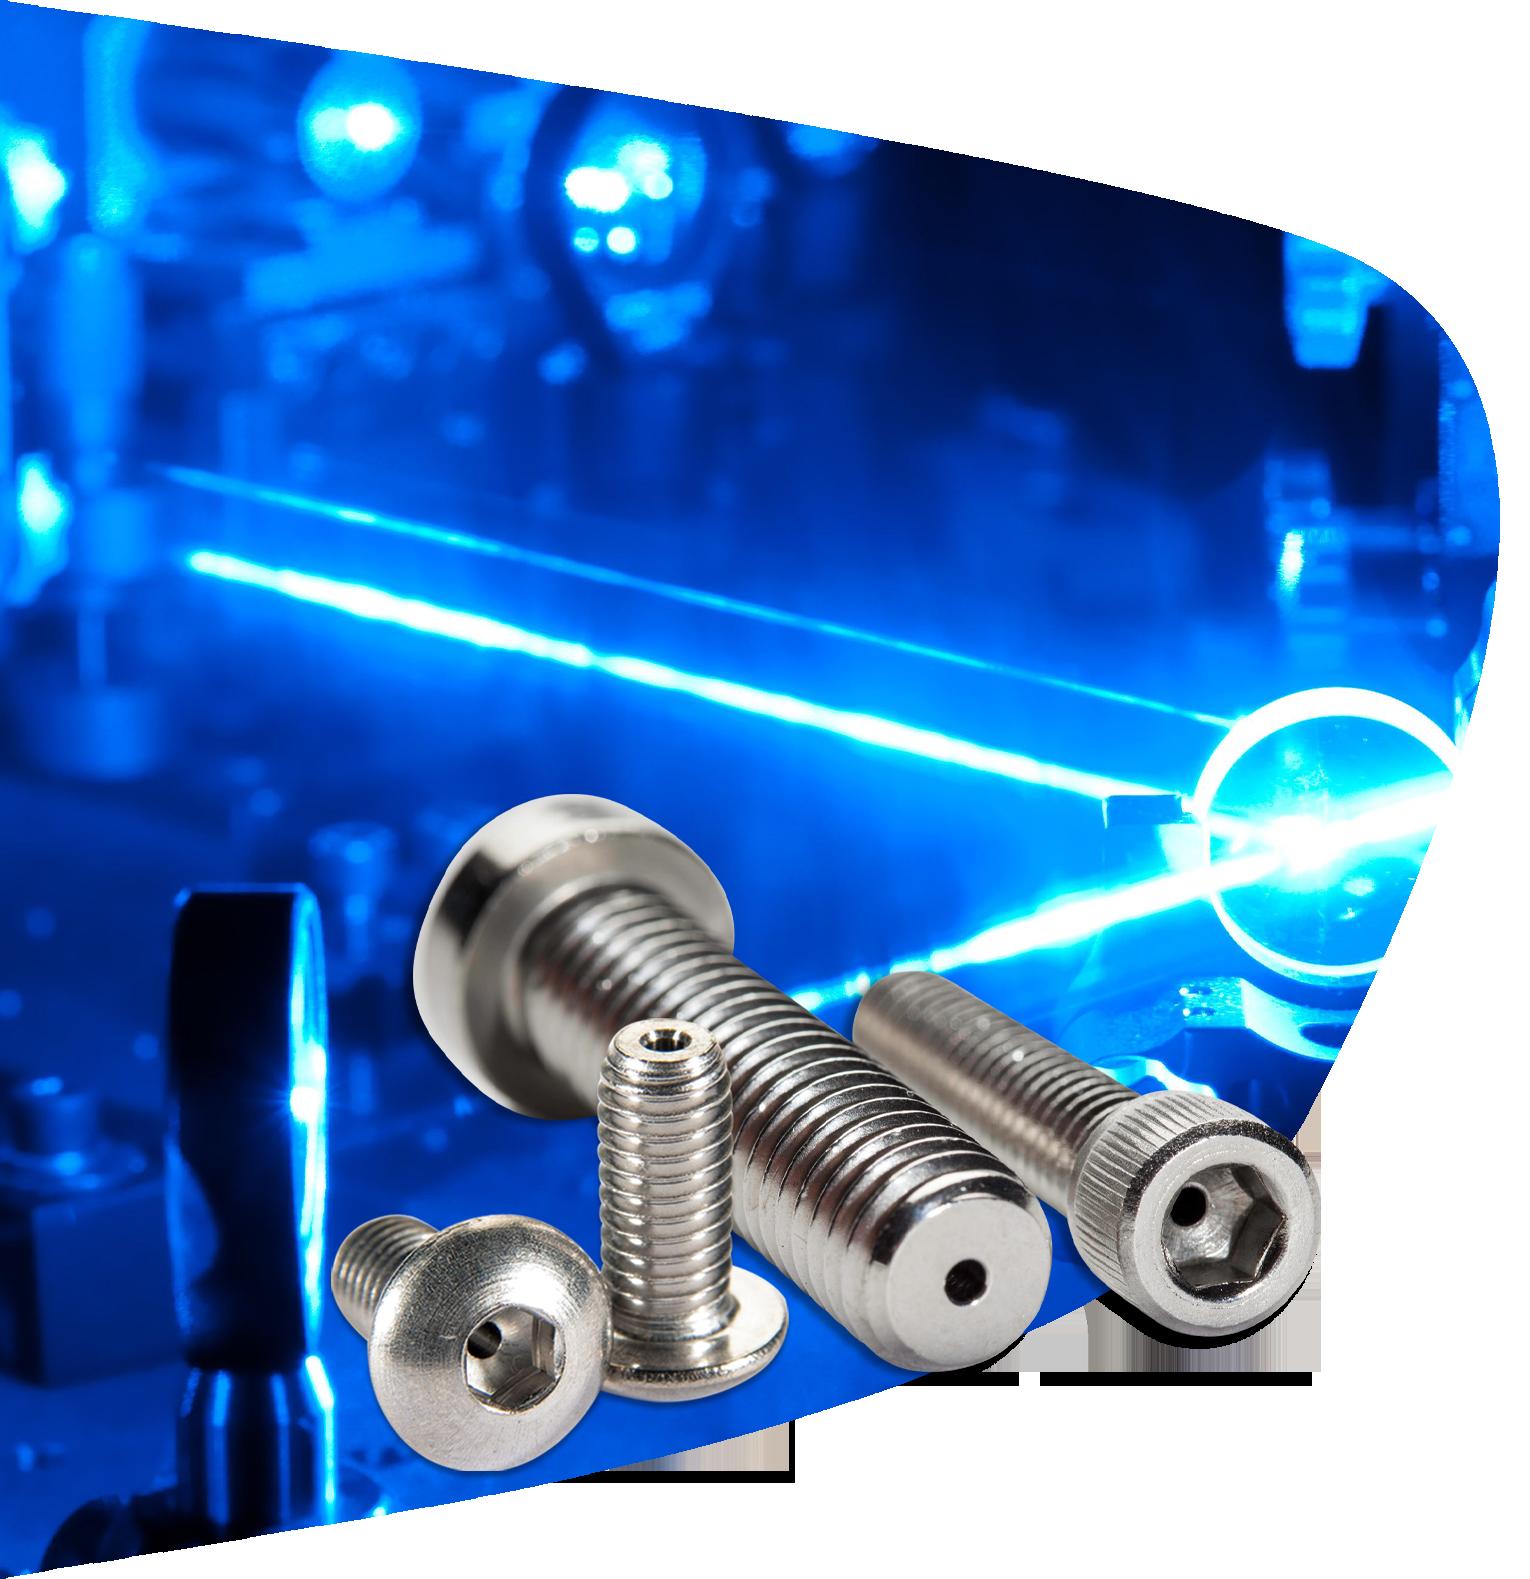 optical cleanroom hardware